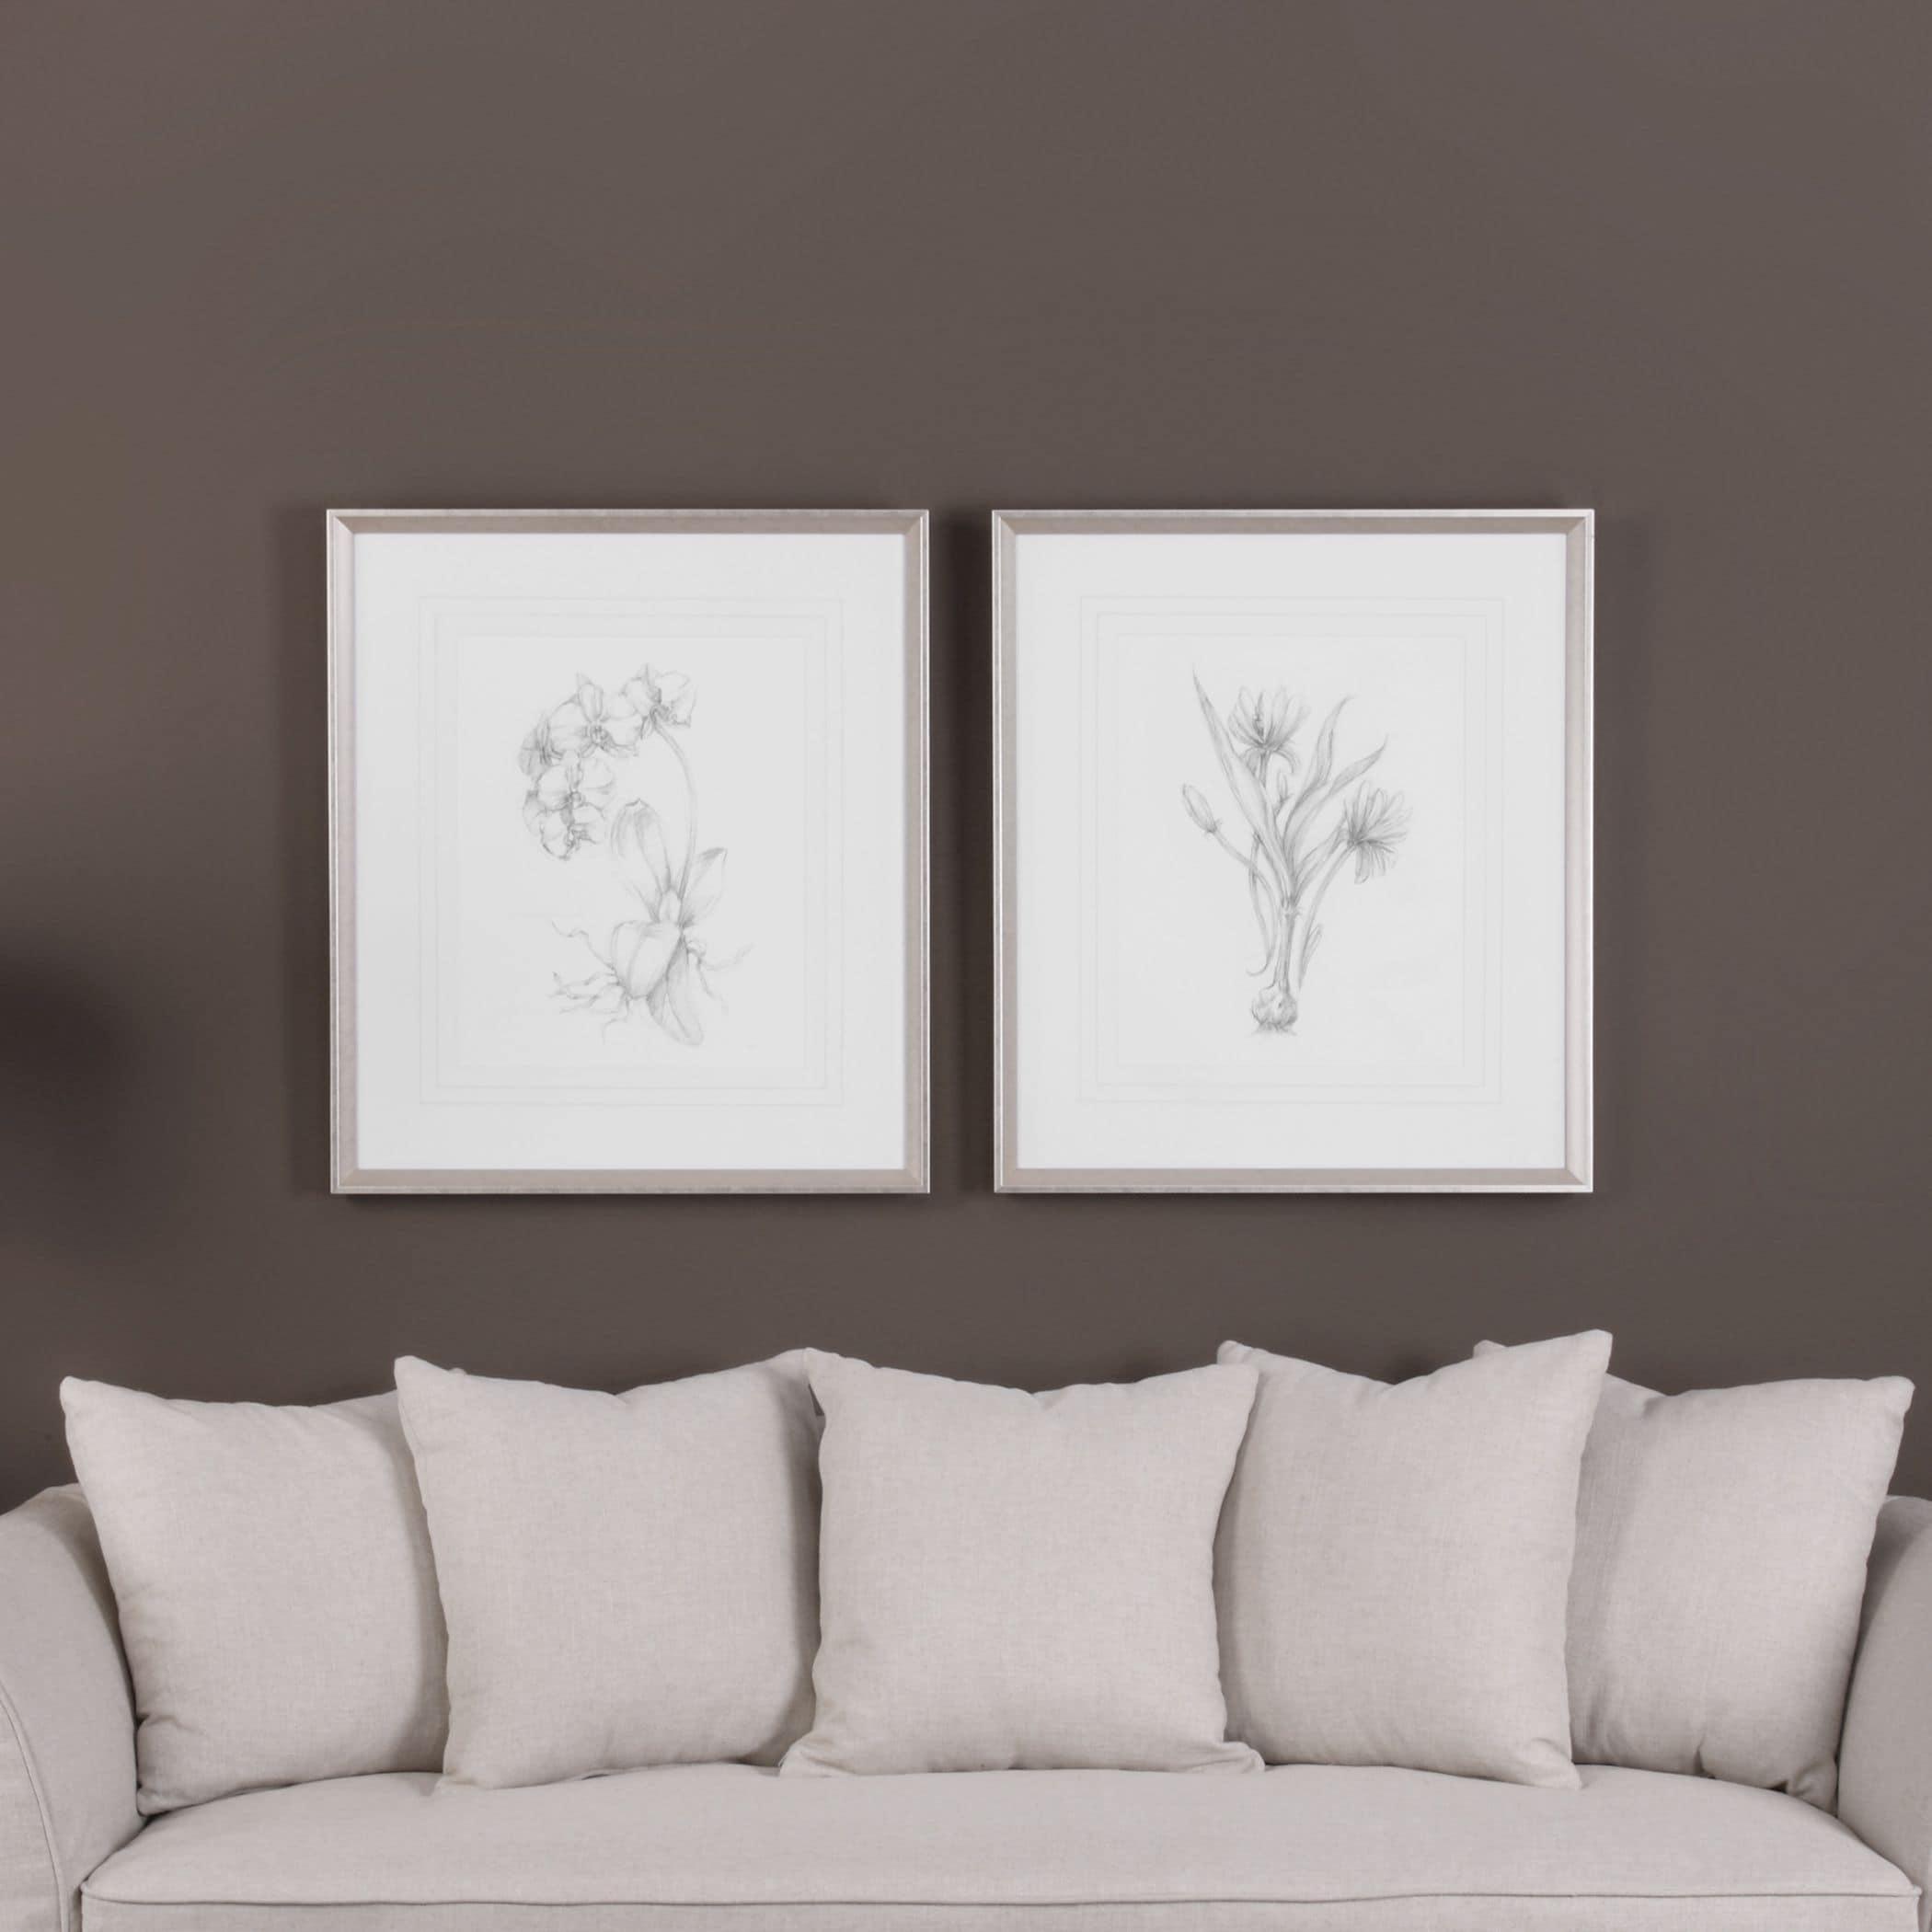 Shop Uttermost Botanical Sketches Framed Prints (Set of 2) - Free ...